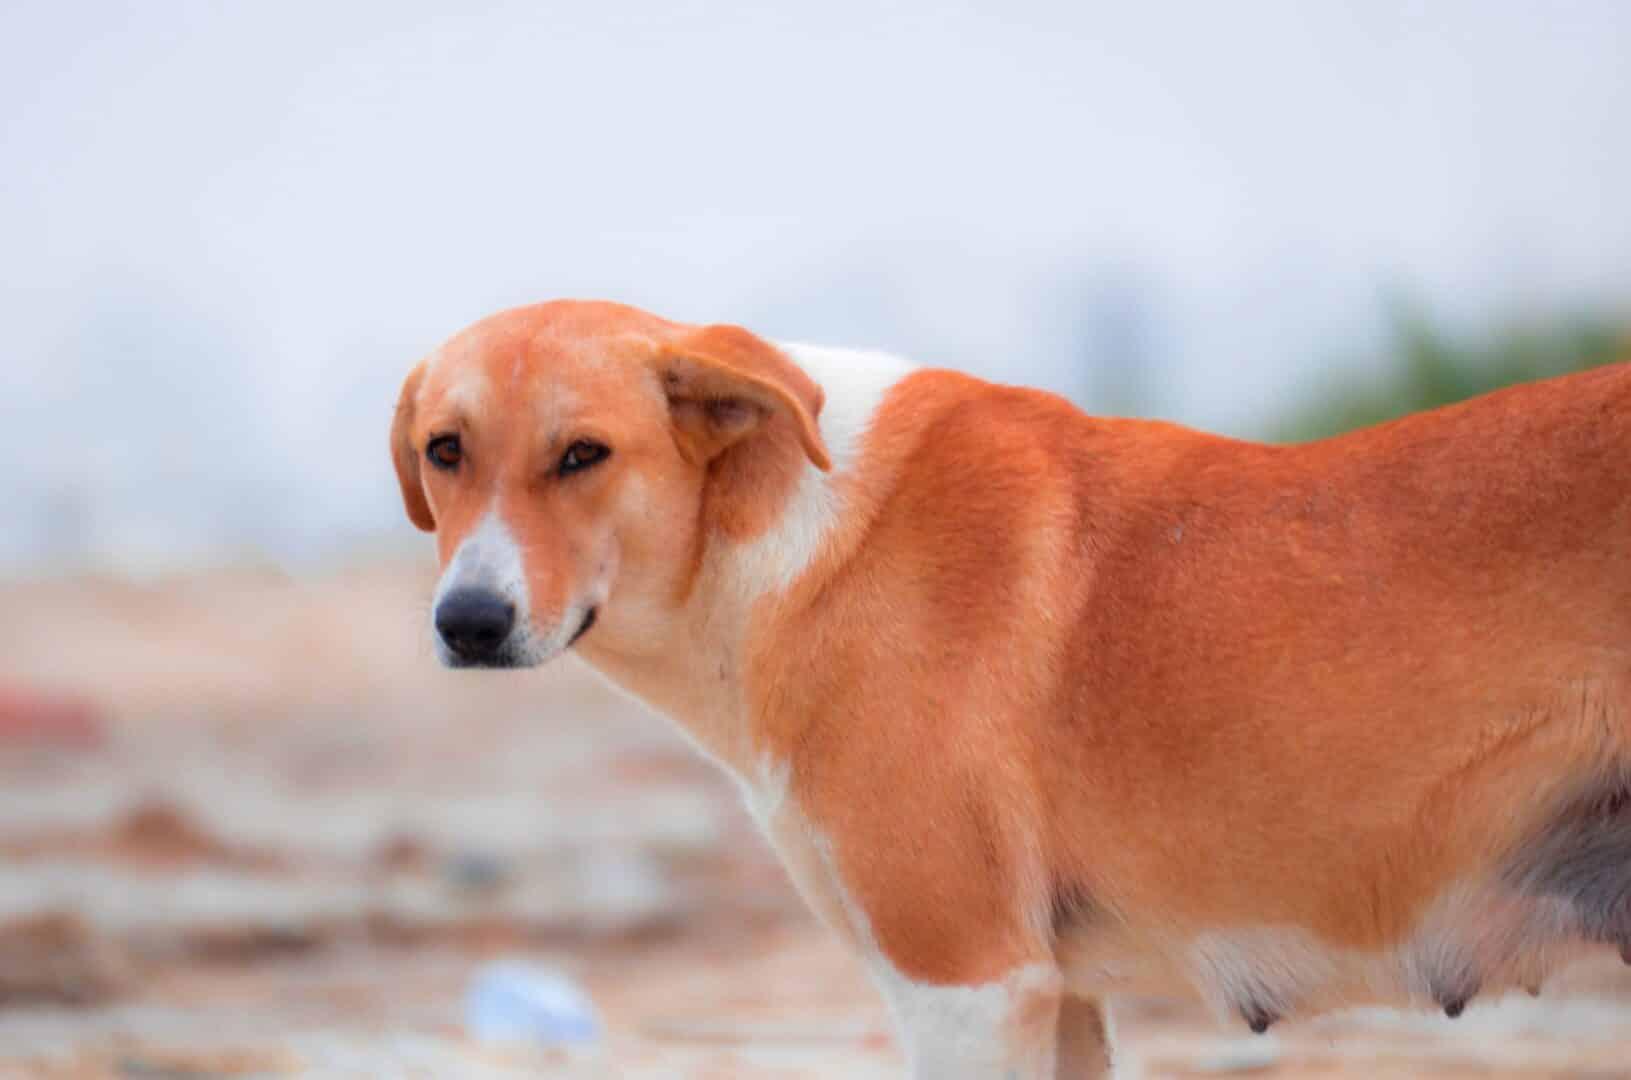 Curiosidades sobre cachorros - 22 fatos sobre os animais domésticos